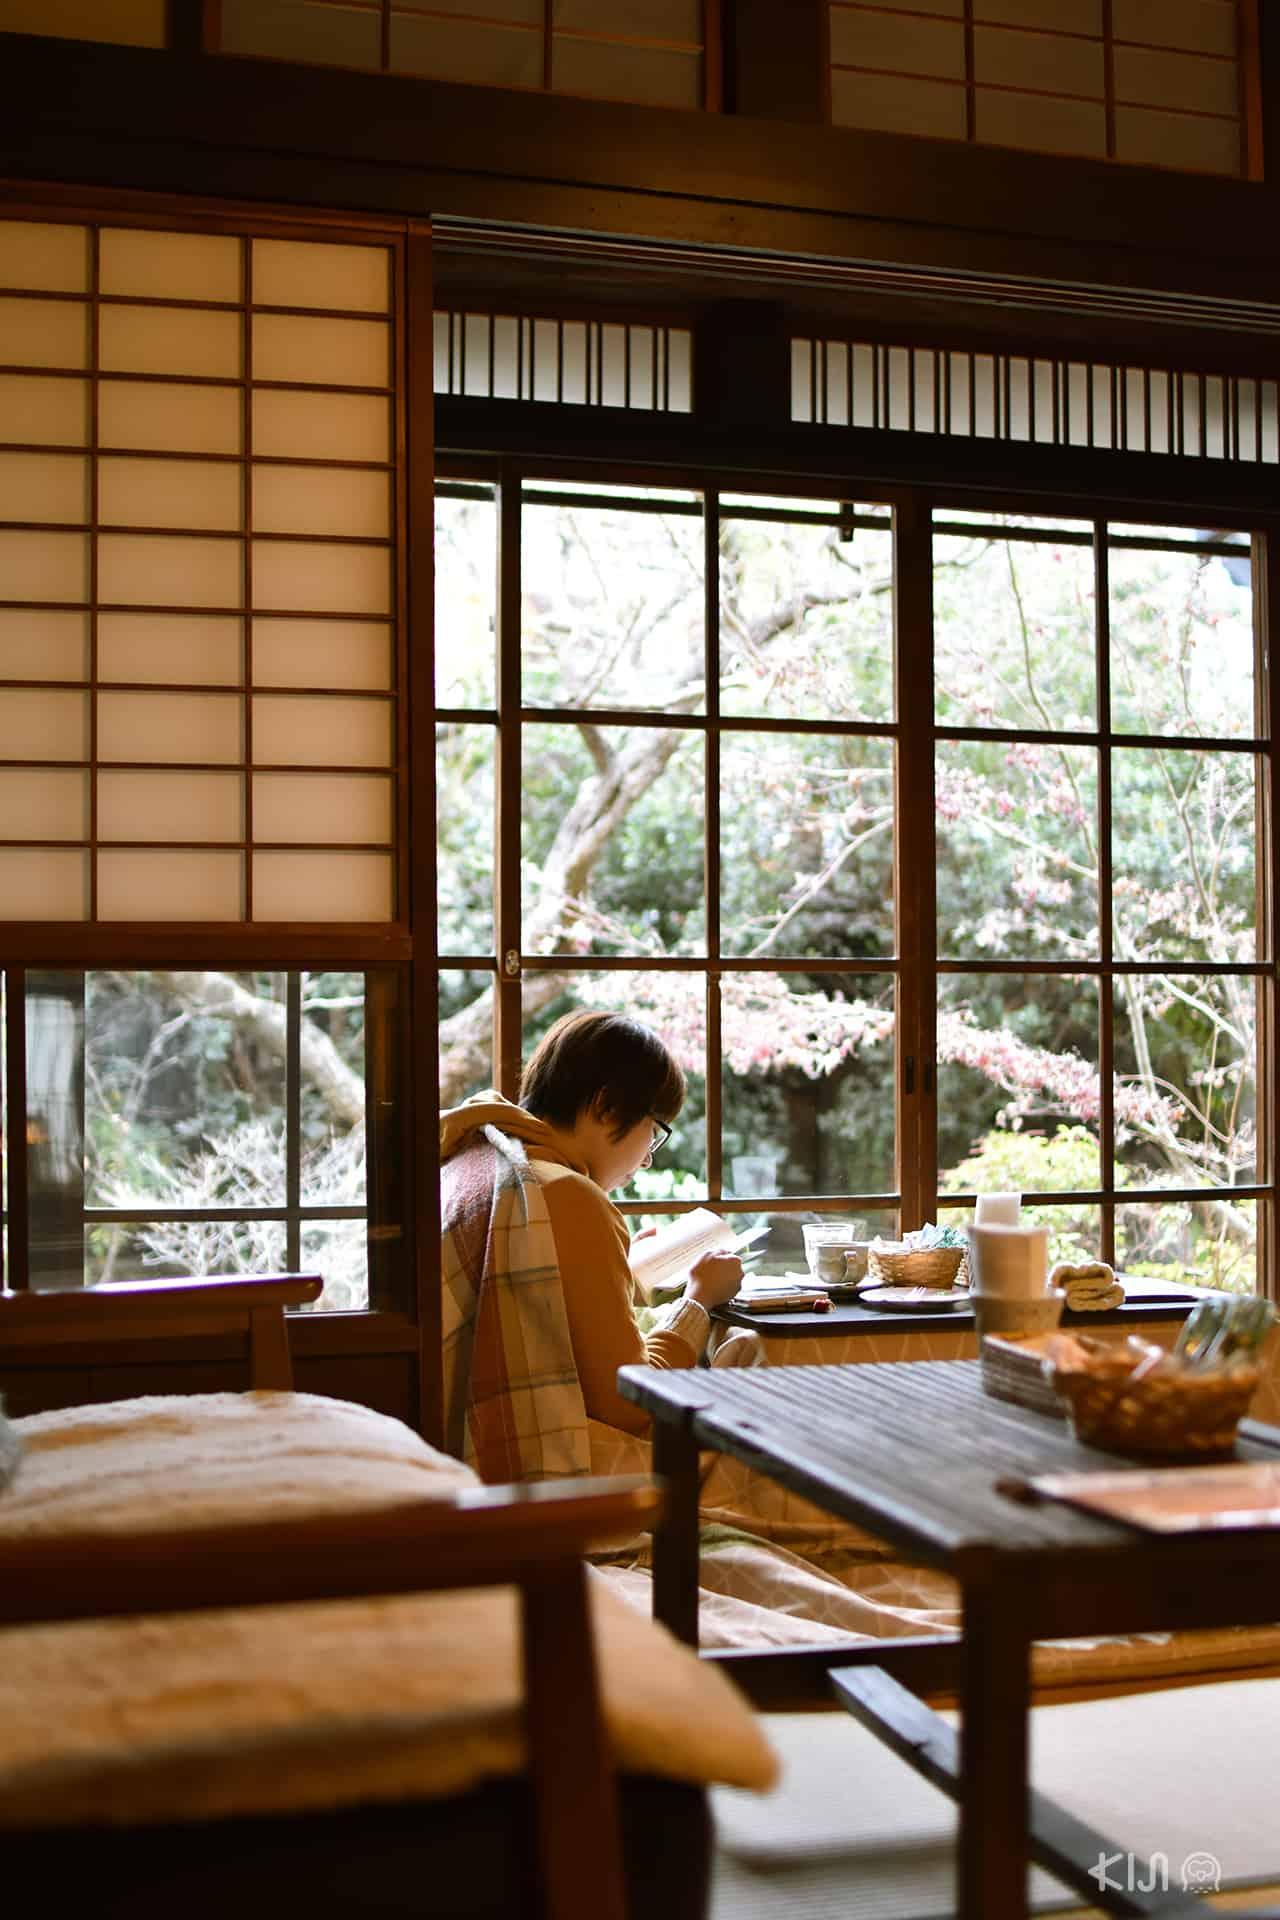 ลูกค้านั่งอ่านหนังสือตรงมุมหน้าต่างในคาเฟ่ Coffee Satou ที่ย่านอิไมโช (Imaicho) จ.นารา